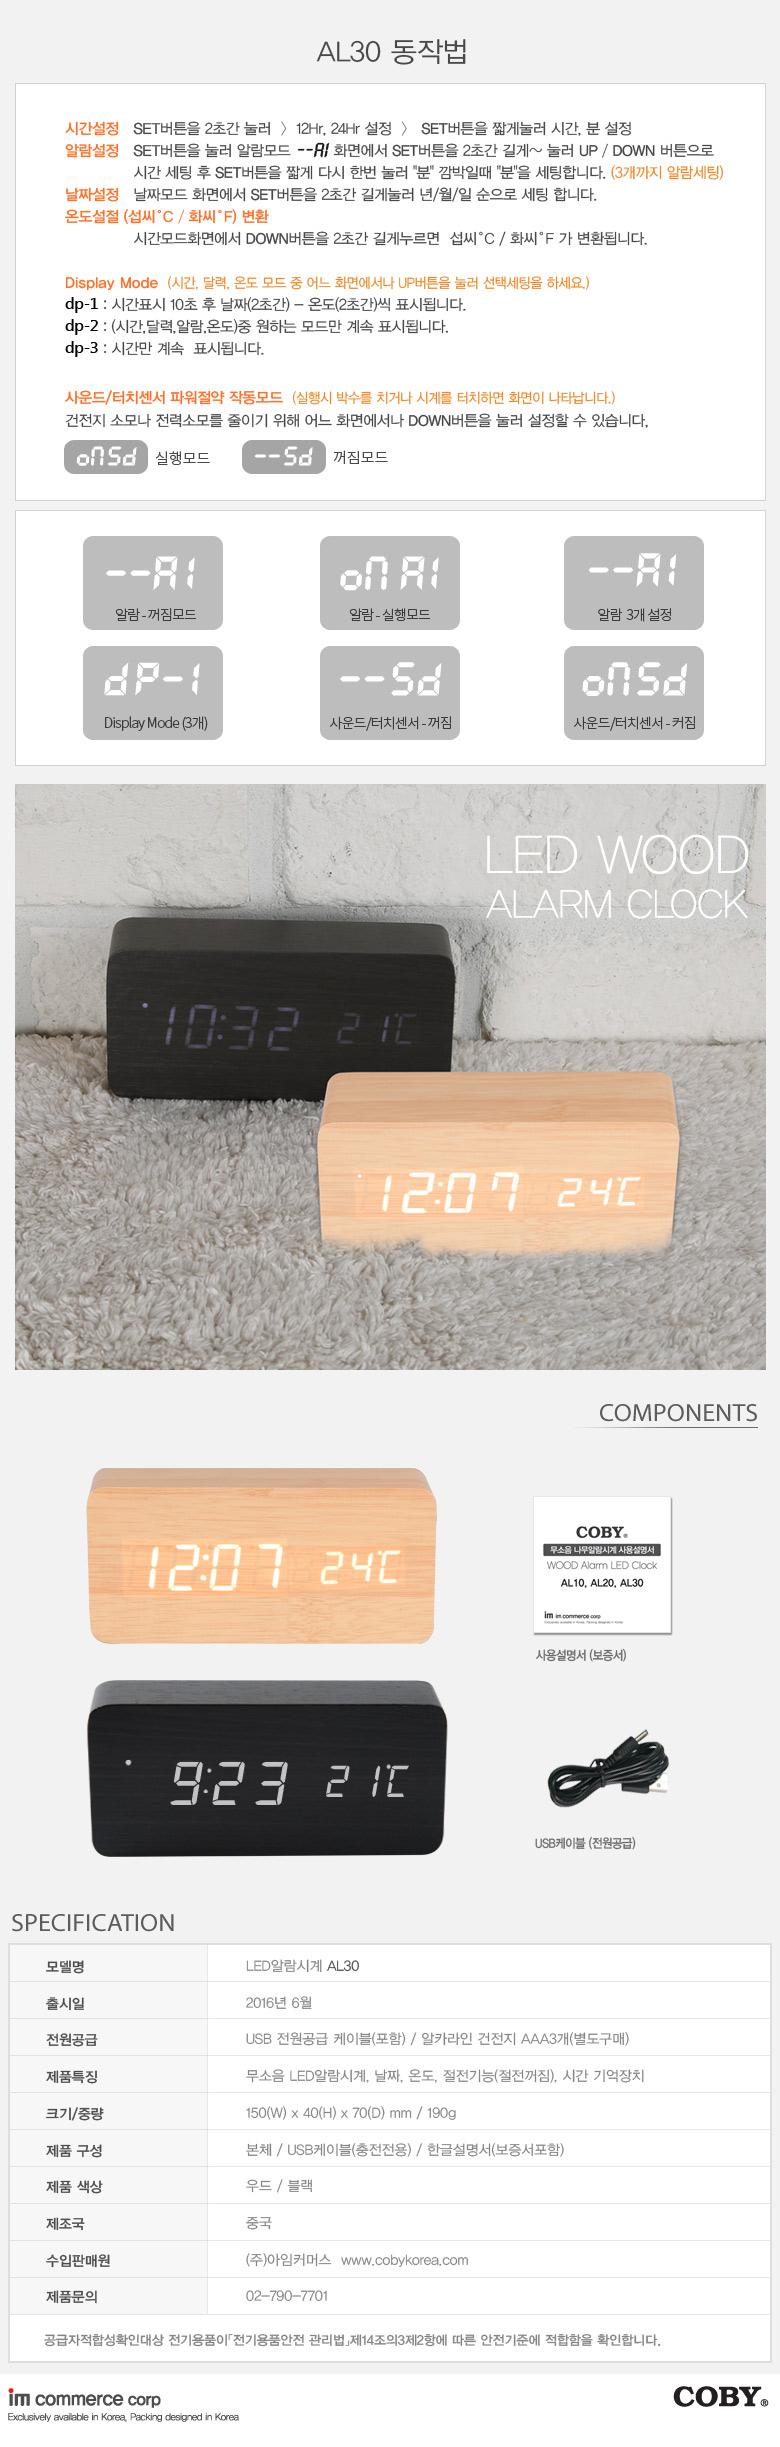 코비 LED 무소음 우드 원목 탁상 알람시계 인테리어 AL3016,900원-에스엔인테리어, 시계, 알람/탁상시계, 알람시계바보사랑코비 LED 무소음 우드 원목 탁상 알람시계 인테리어 AL3016,900원-에스엔인테리어, 시계, 알람/탁상시계, 알람시계바보사랑